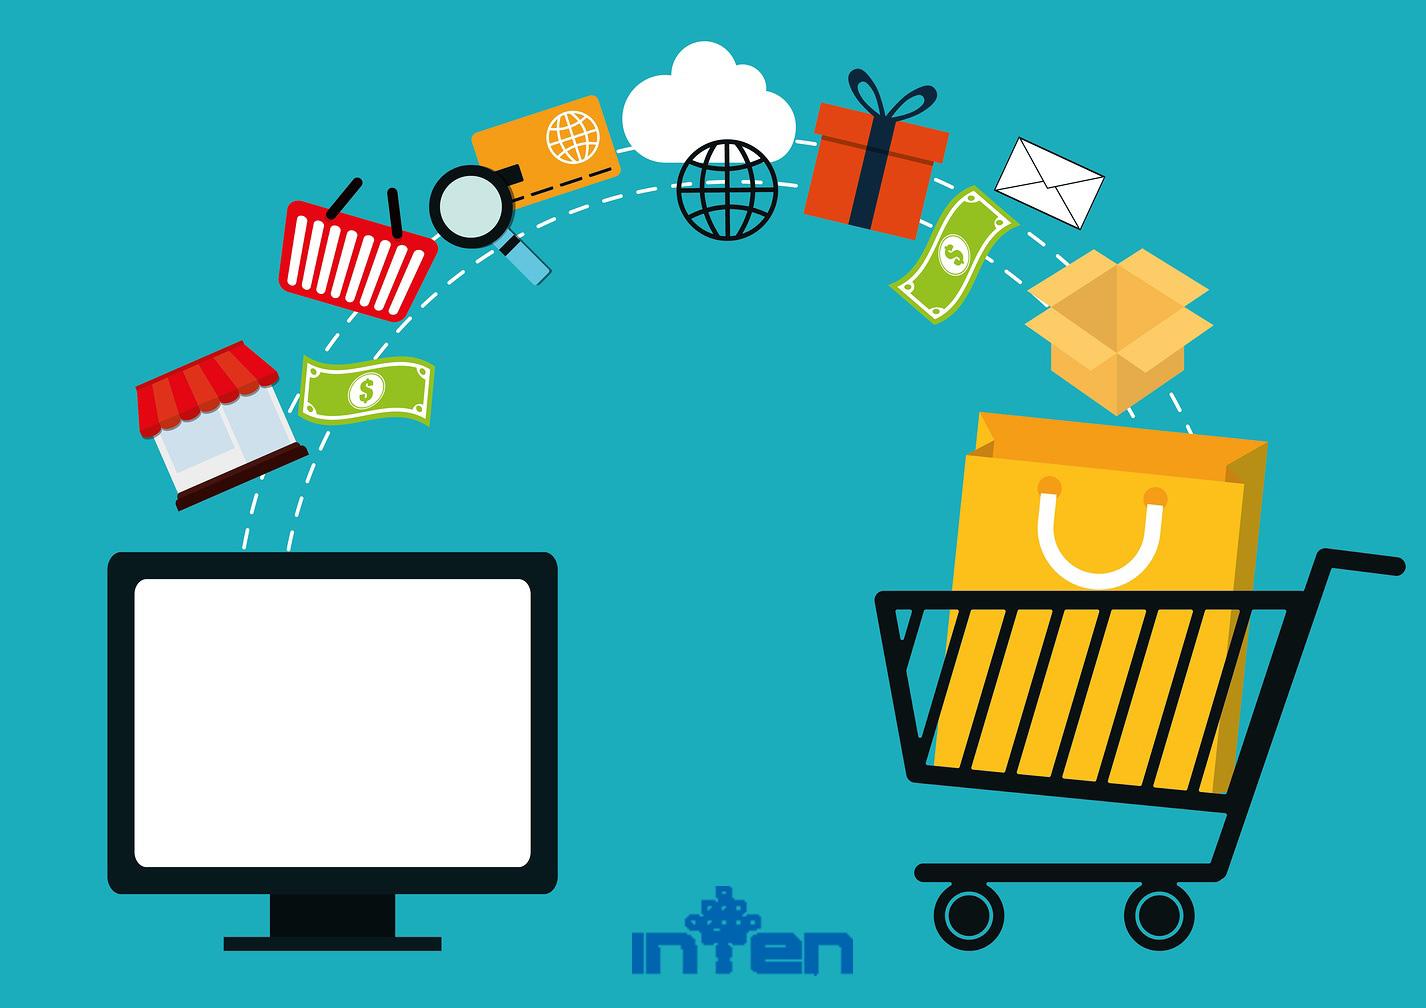 طراحی سایت-راه های مناسب برای ایجاد یک وب سایت خرید آنلاین